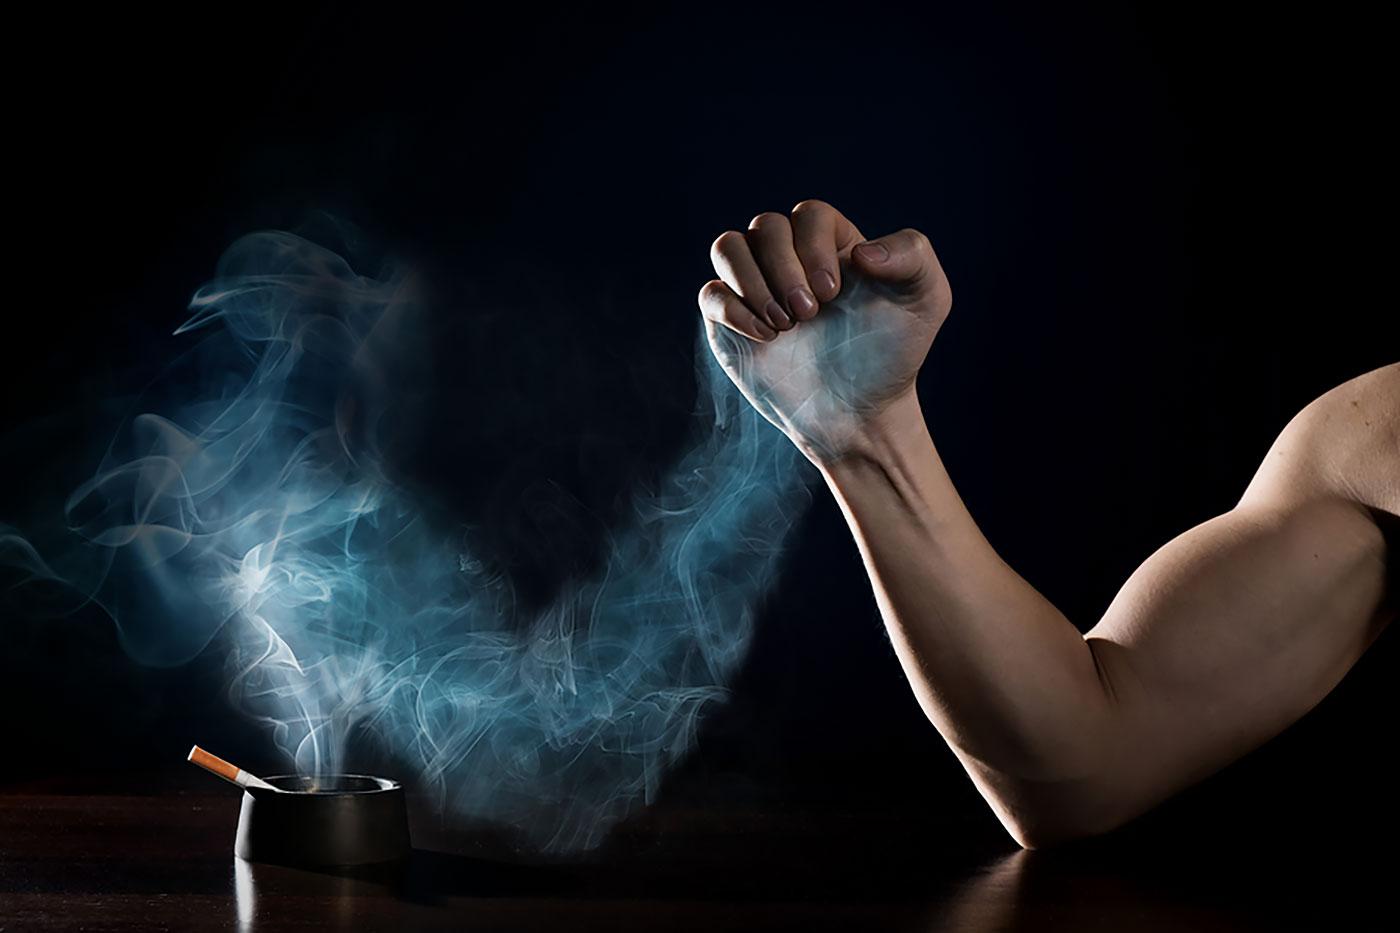 Бросить курить и худеть одновременно